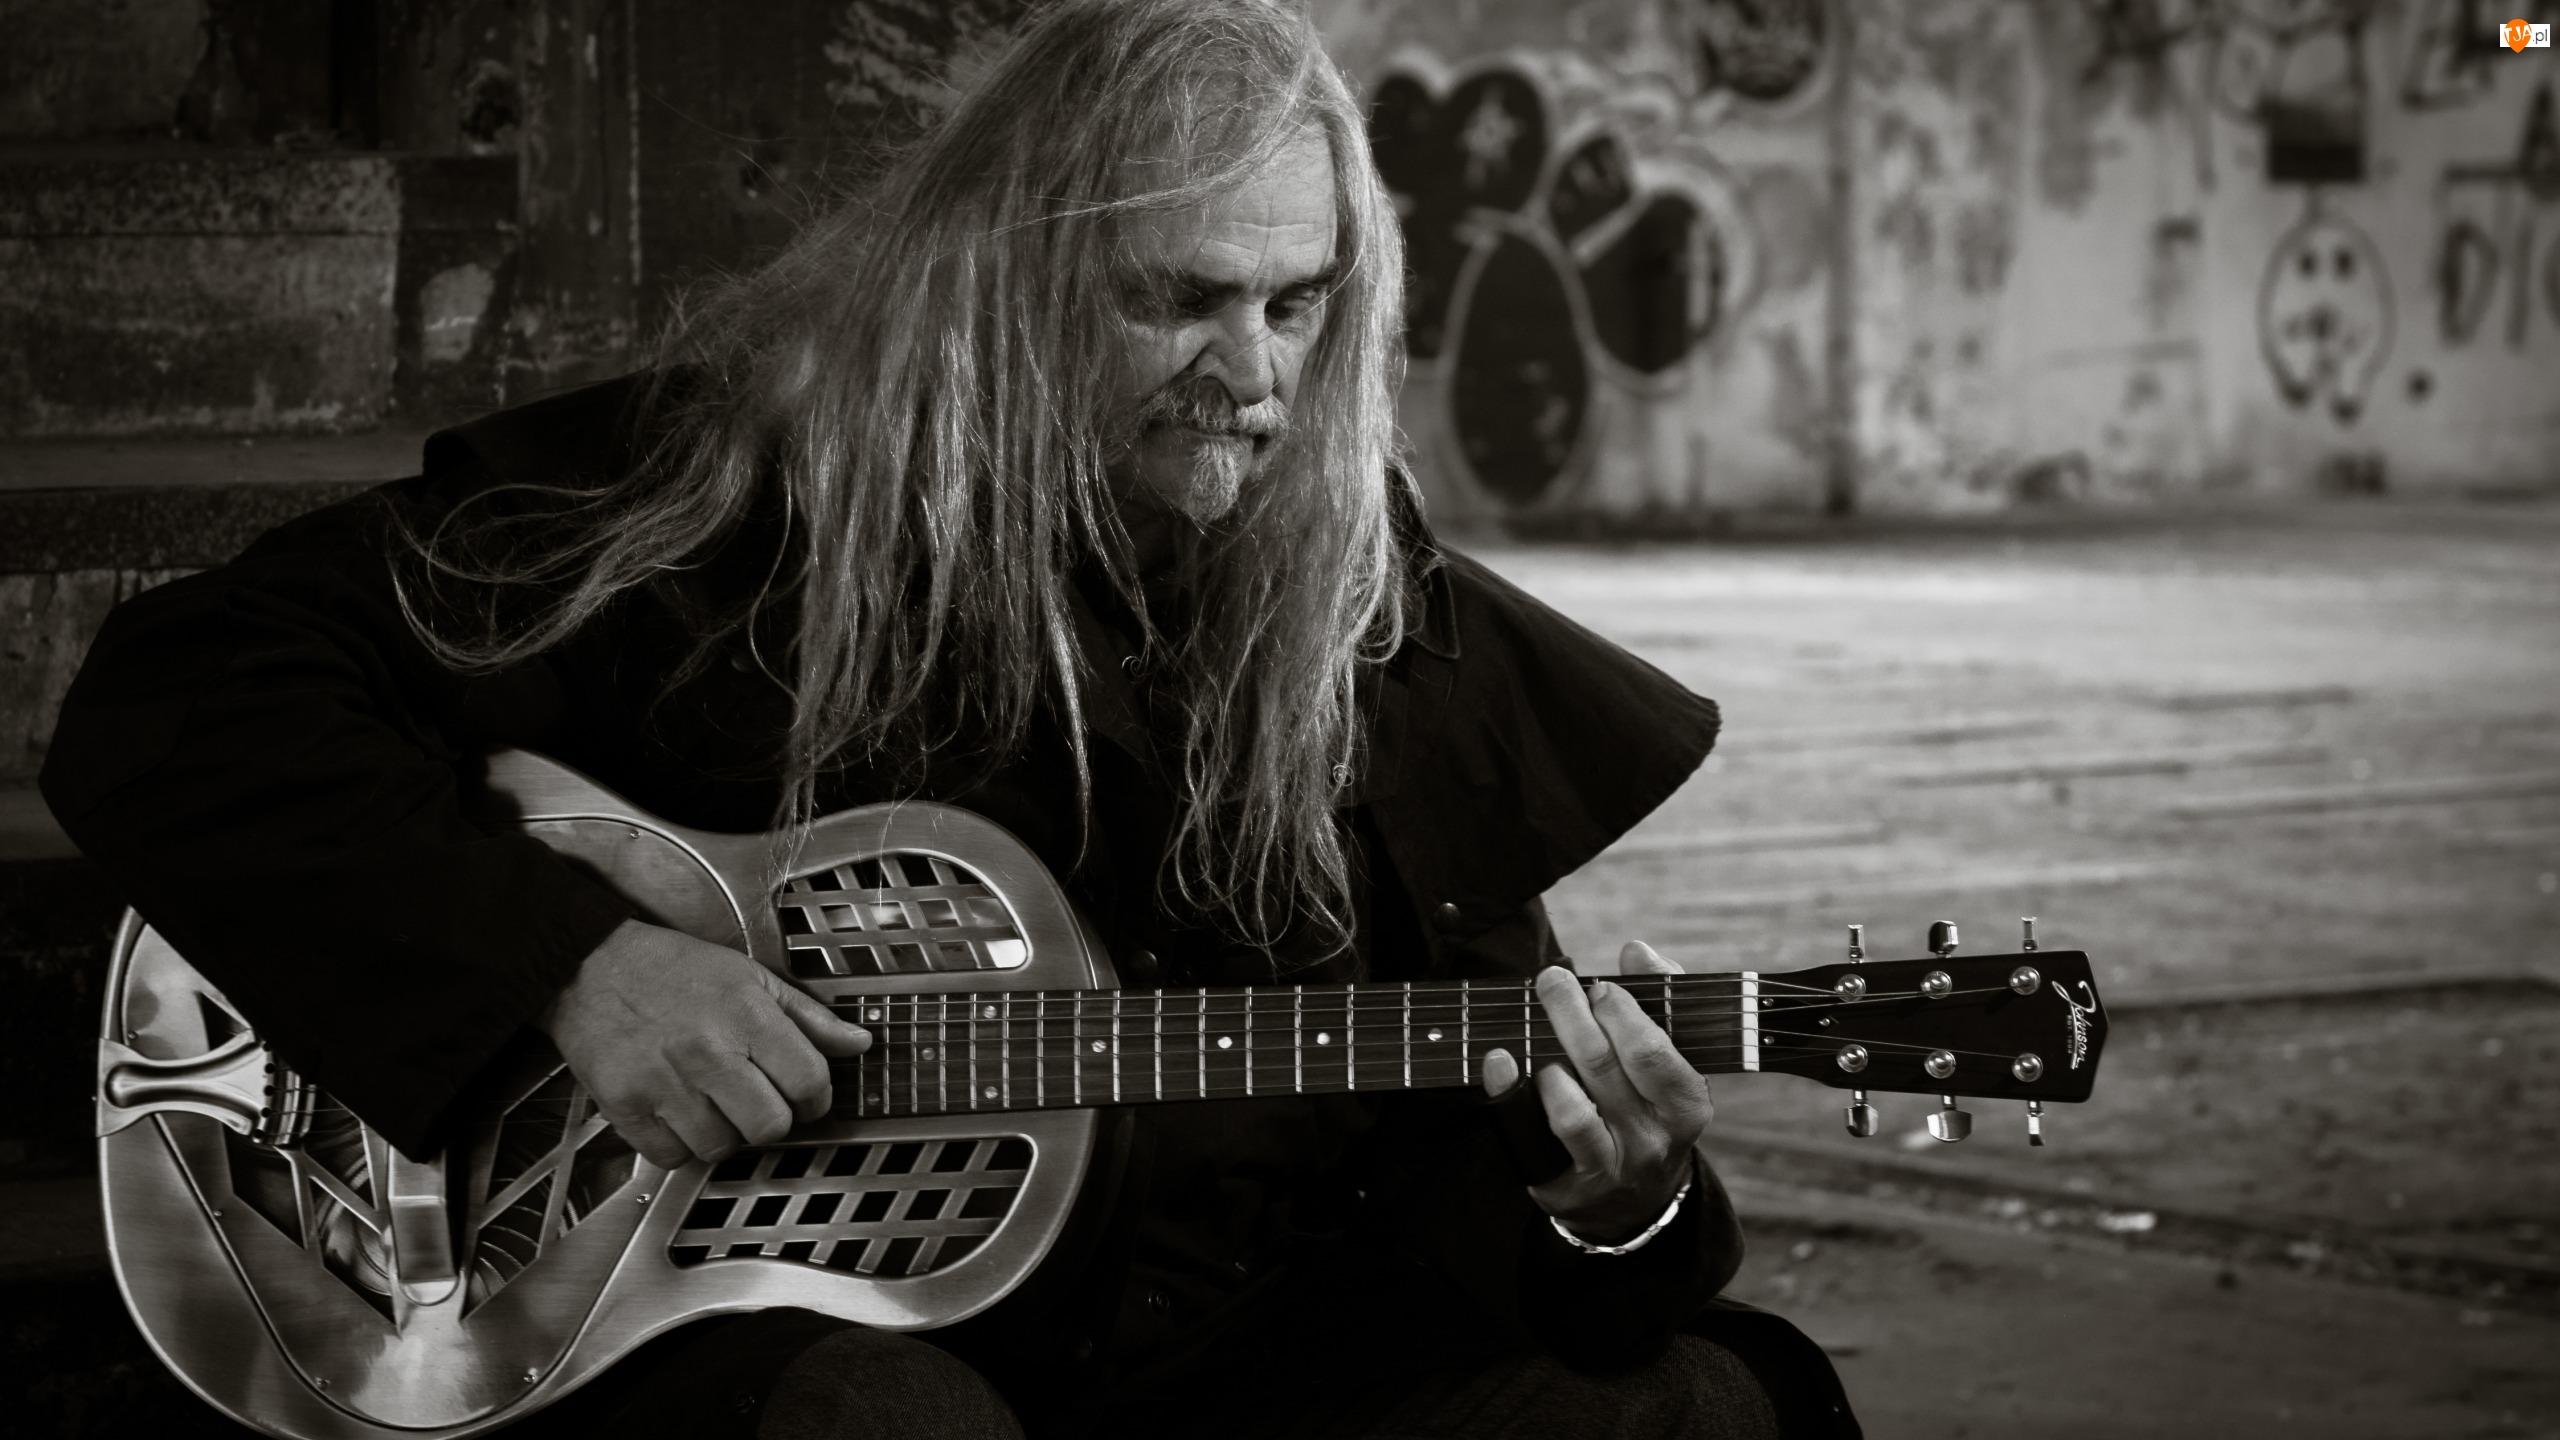 Czarno-białe, Mężczyzna, Gitara